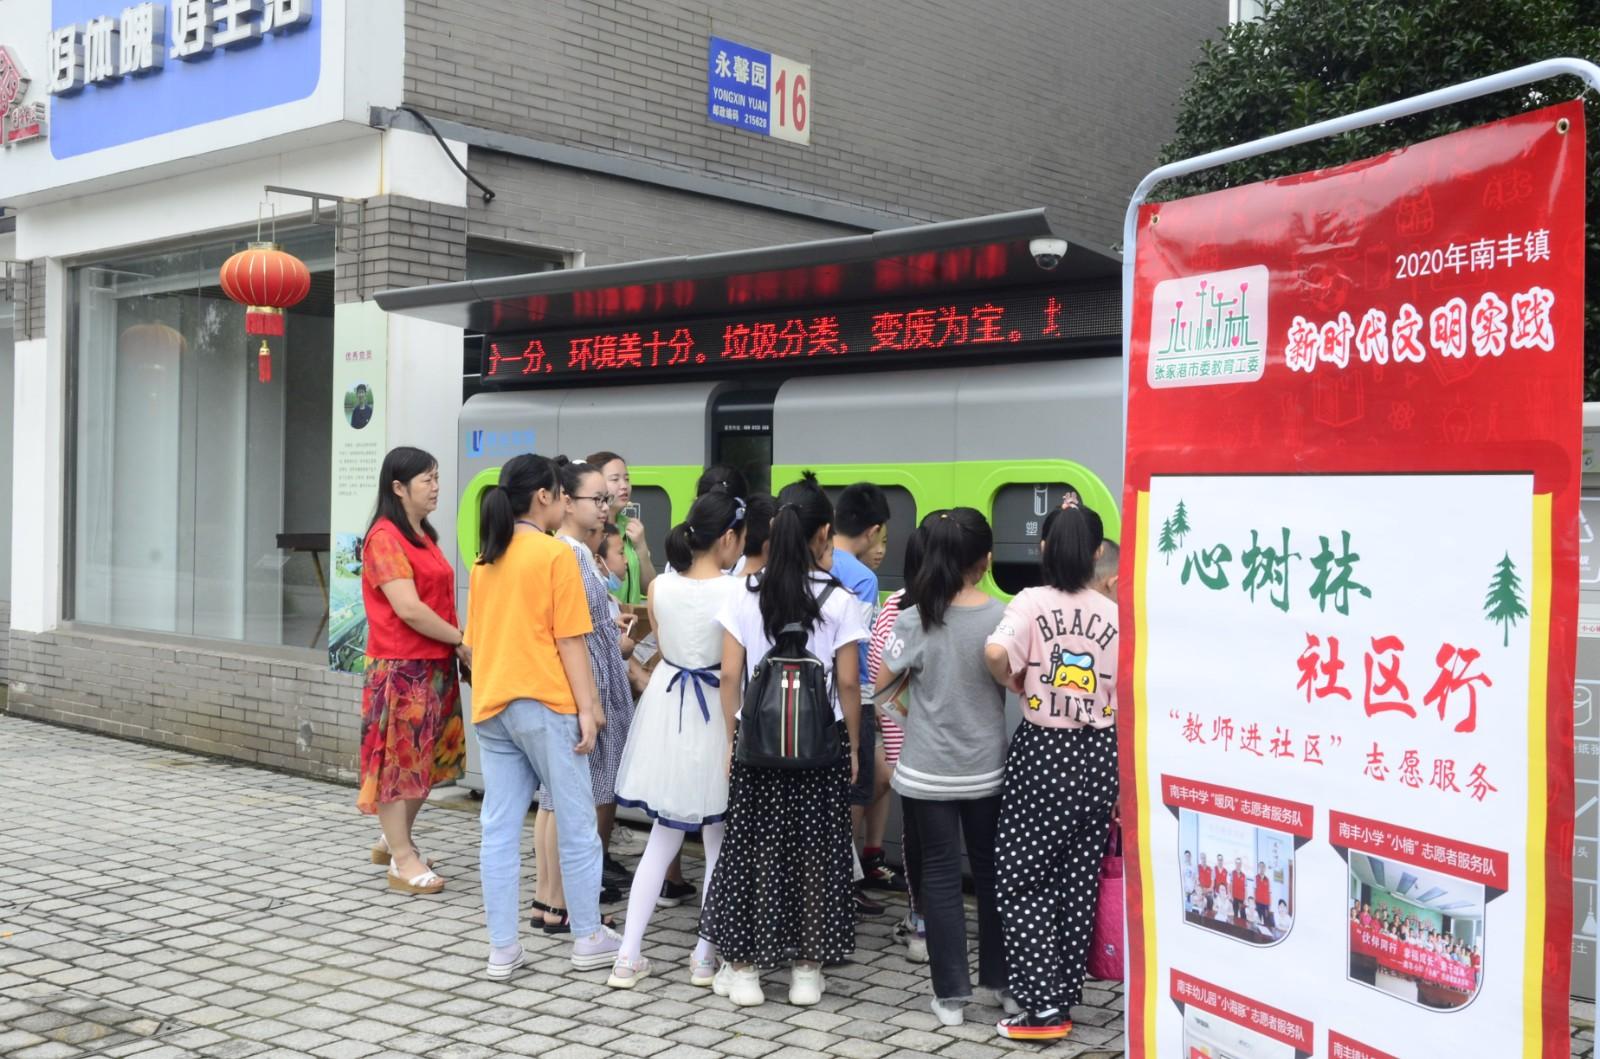 http://www.goschool.org.cn/d/file/12931126.jpg